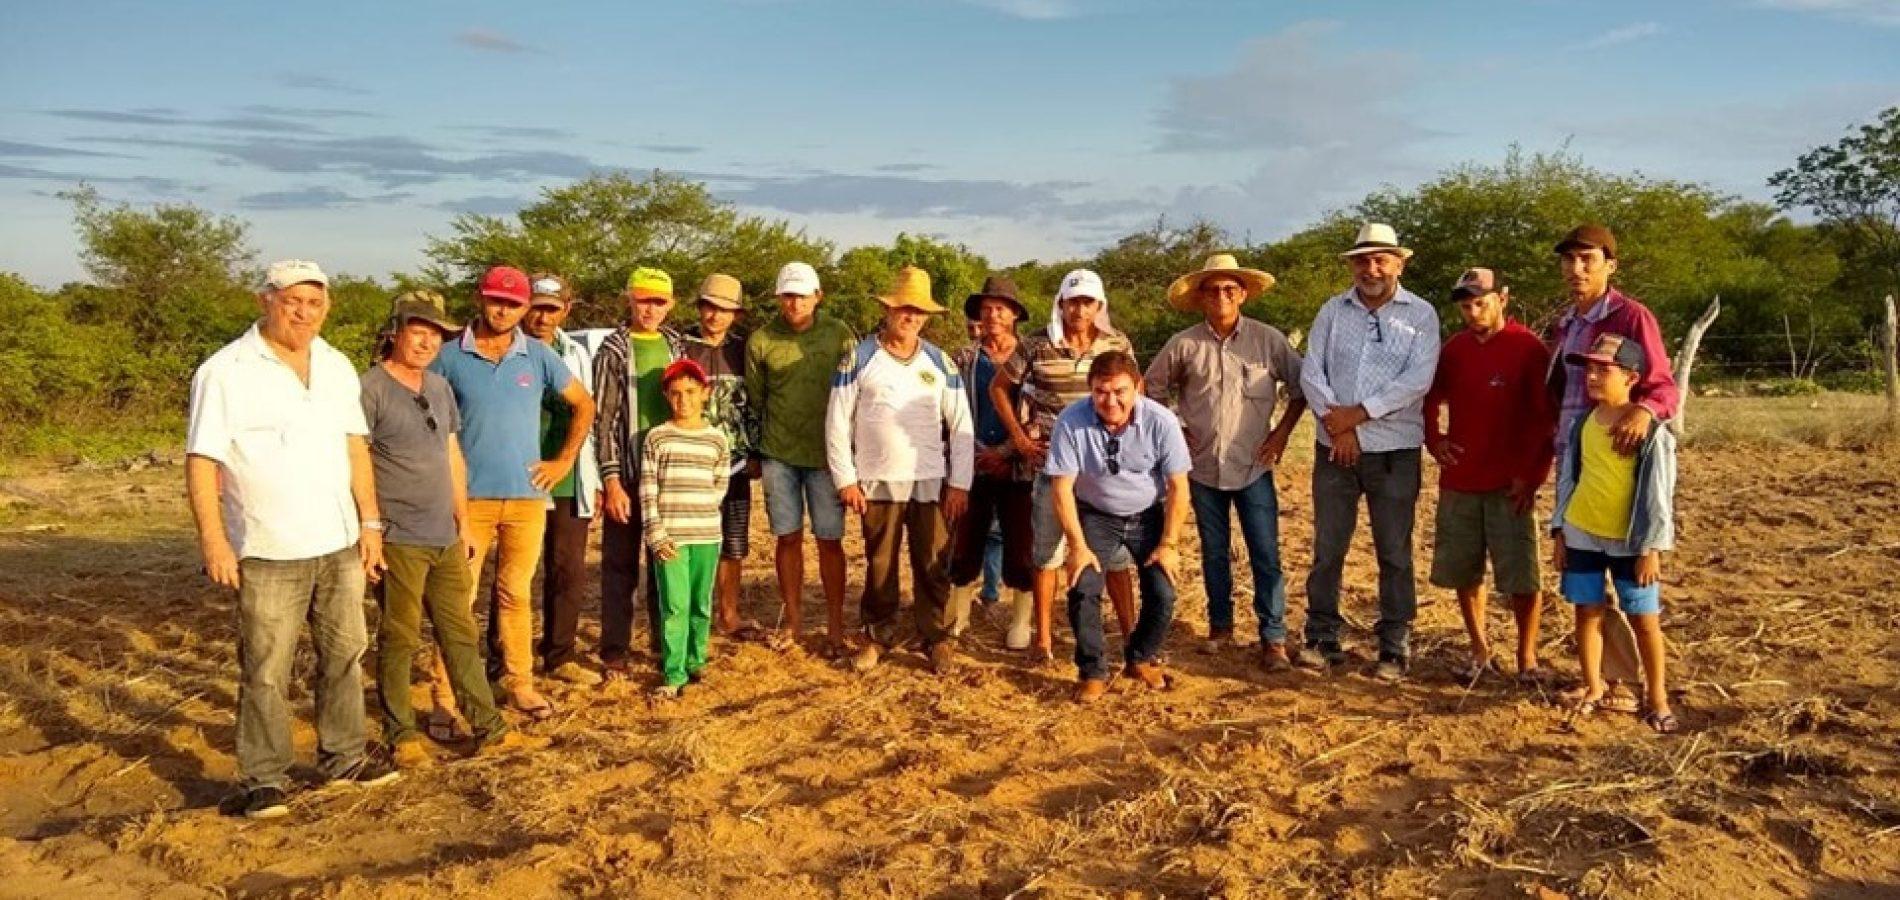 PAULISTANA | Produtores rurais da comunidade Abelha Branca produzem 16,5 toneladas de algodão orgânico